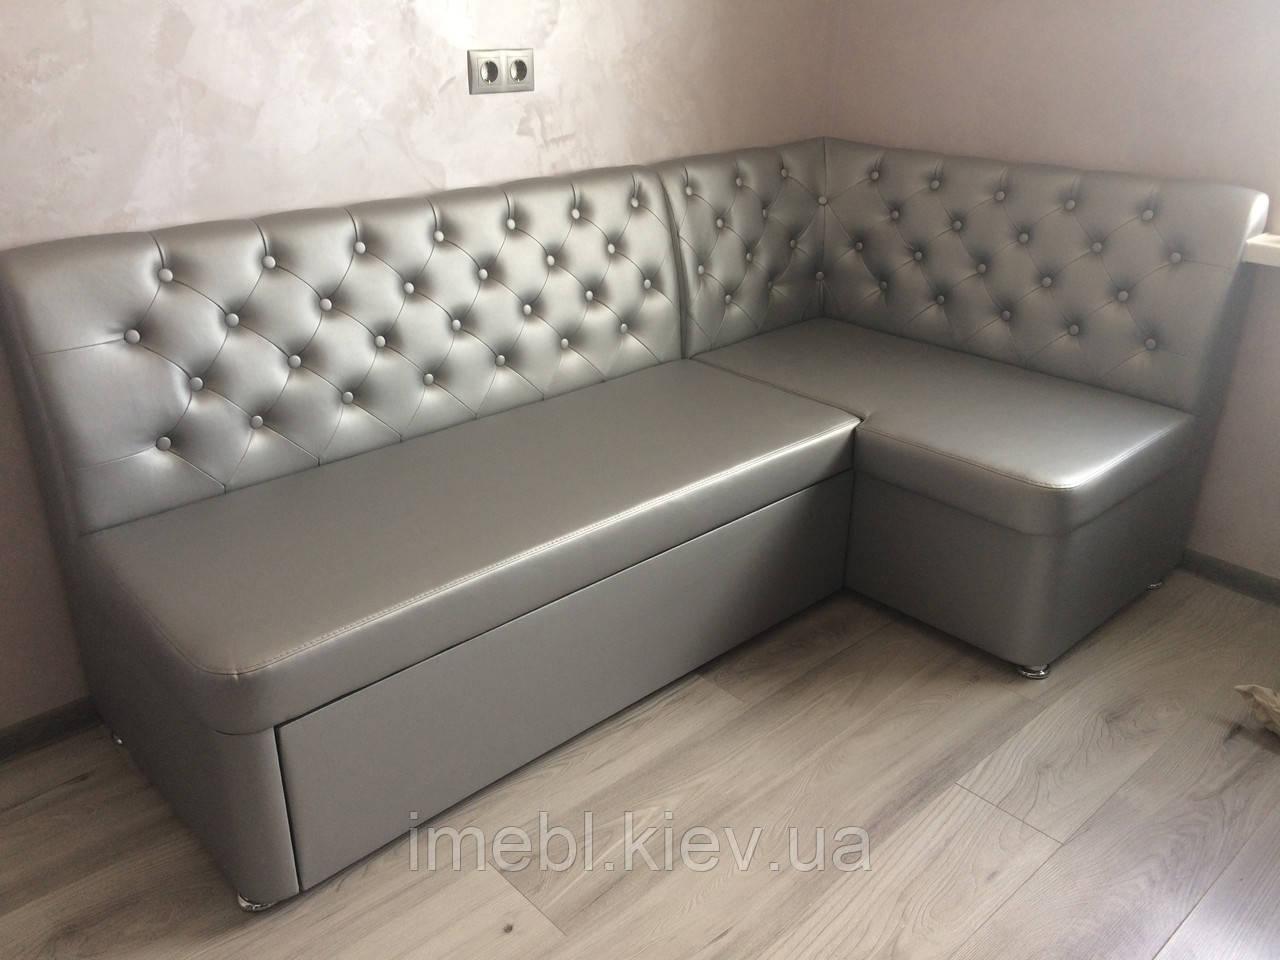 мягкая мебель со спальным местом в кухню серебро на заказ размеры